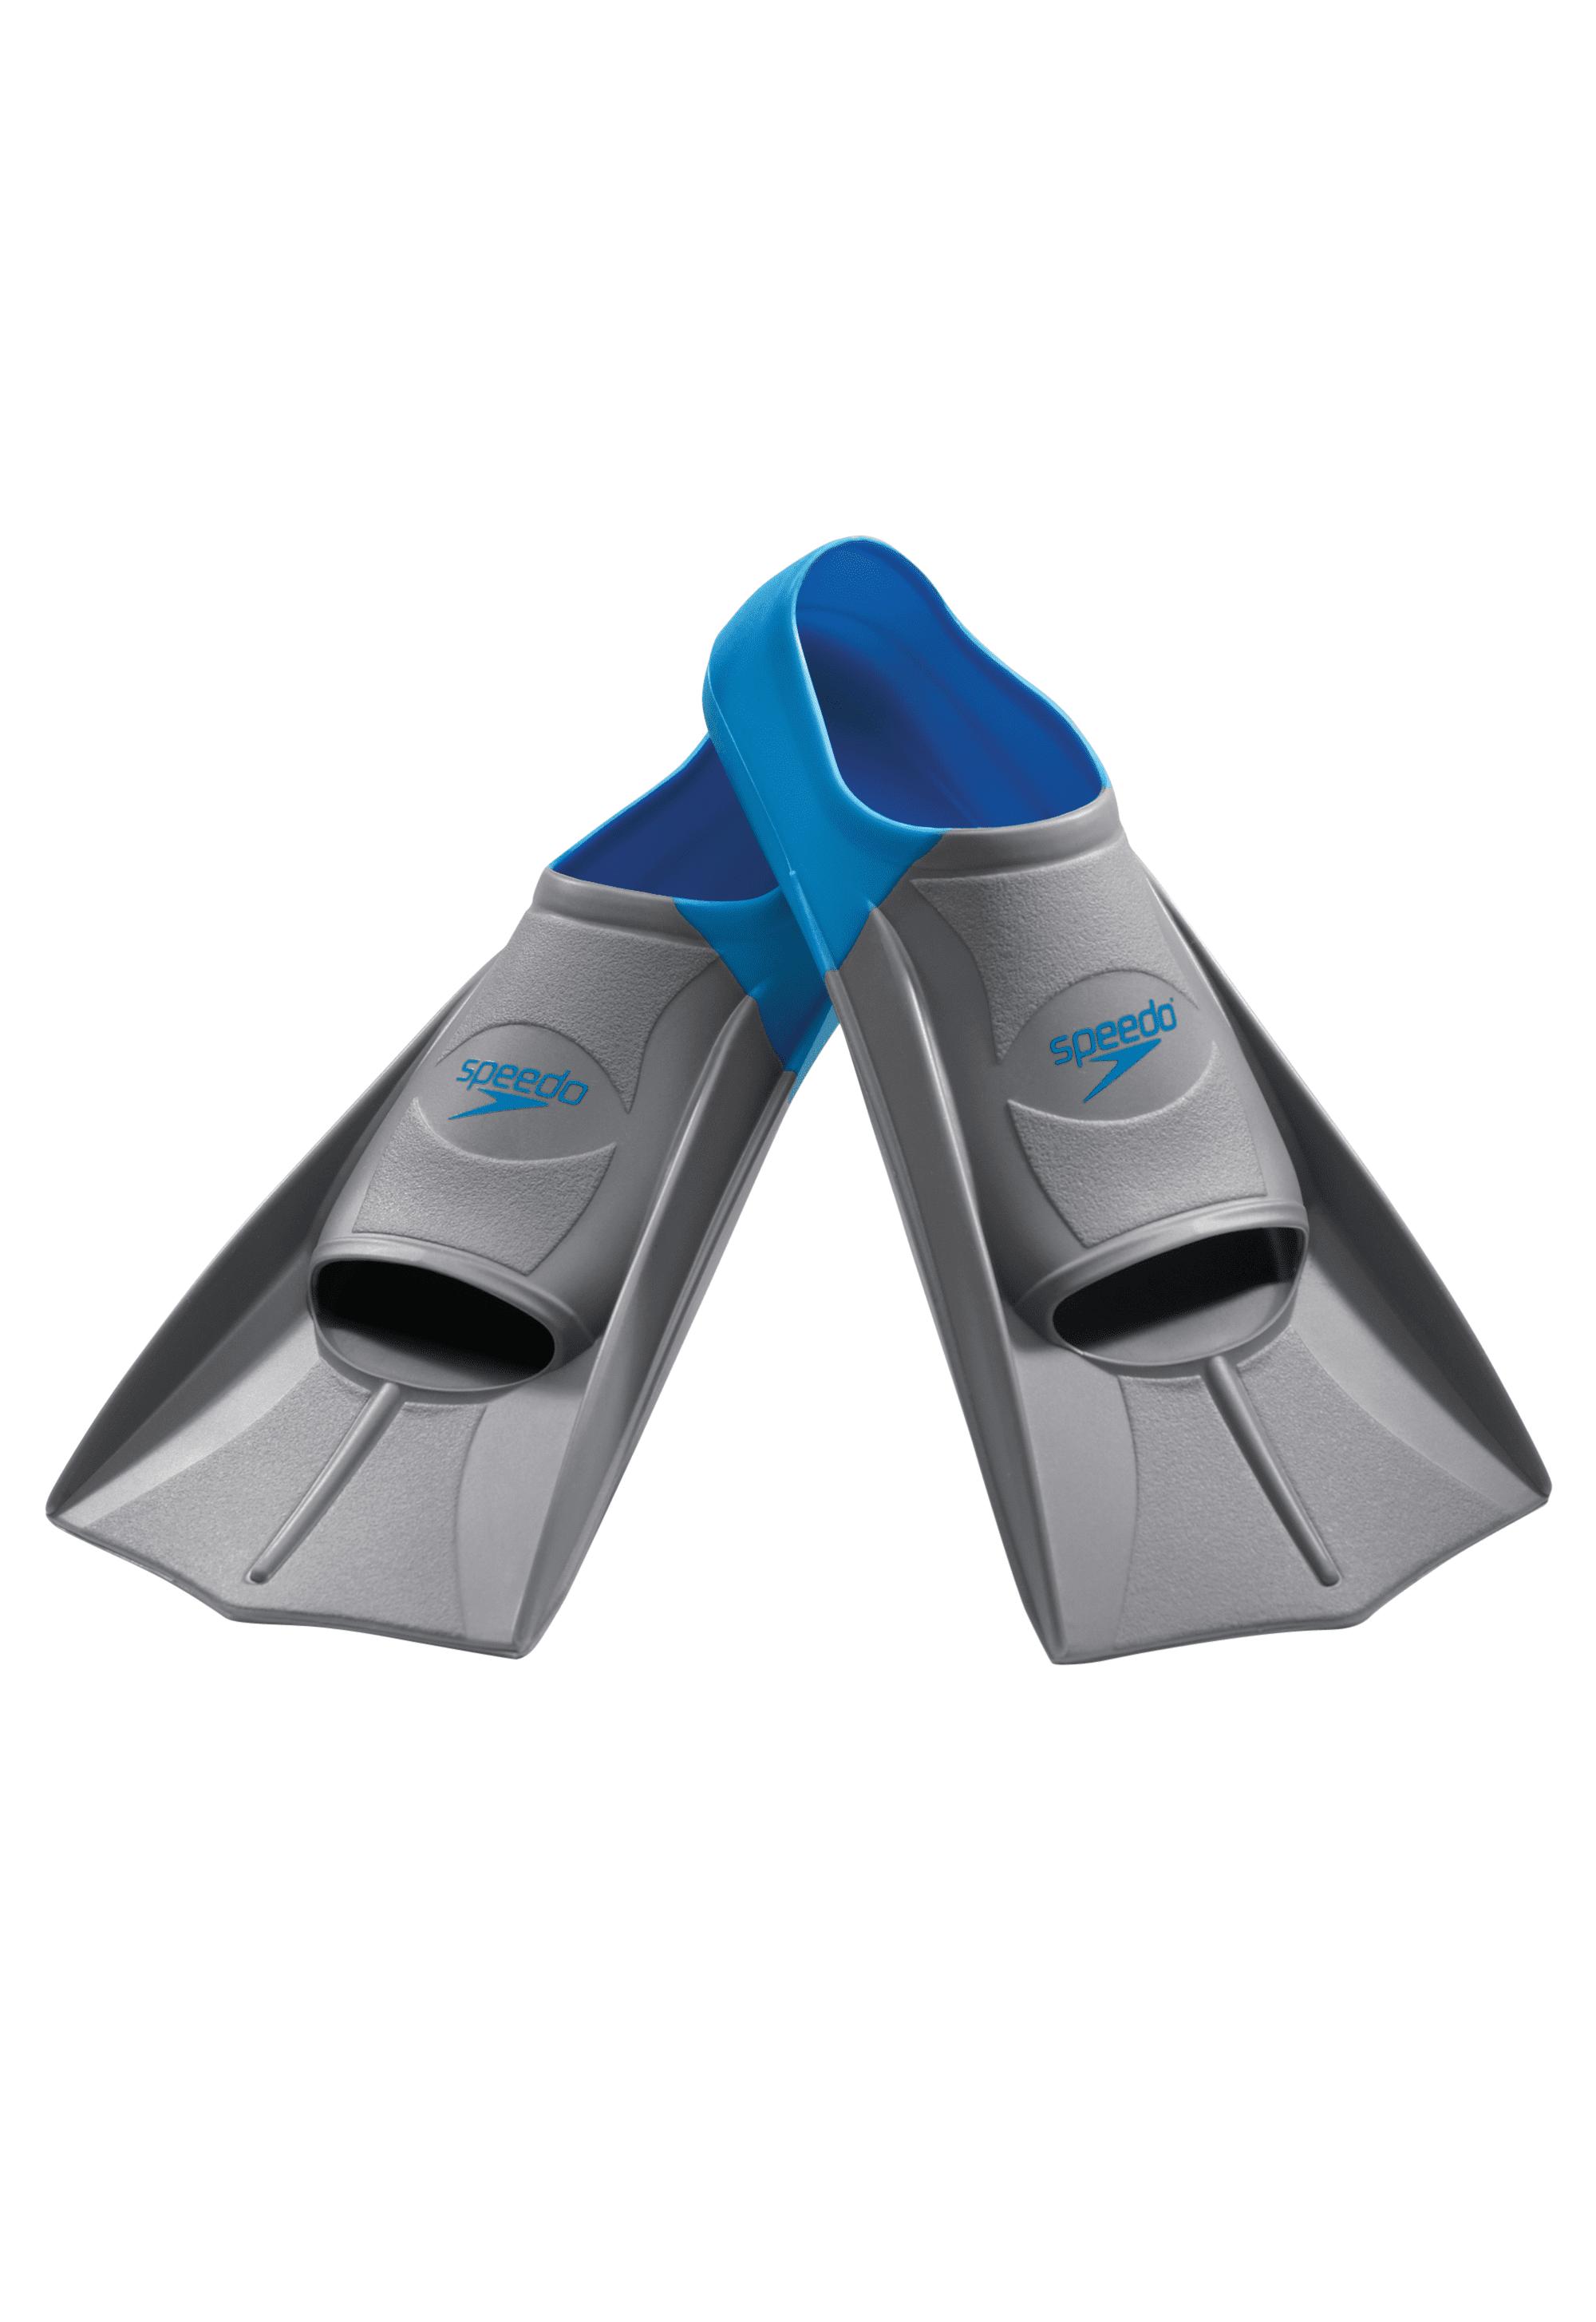 Speedo Shortblade Fins Blue 39.99